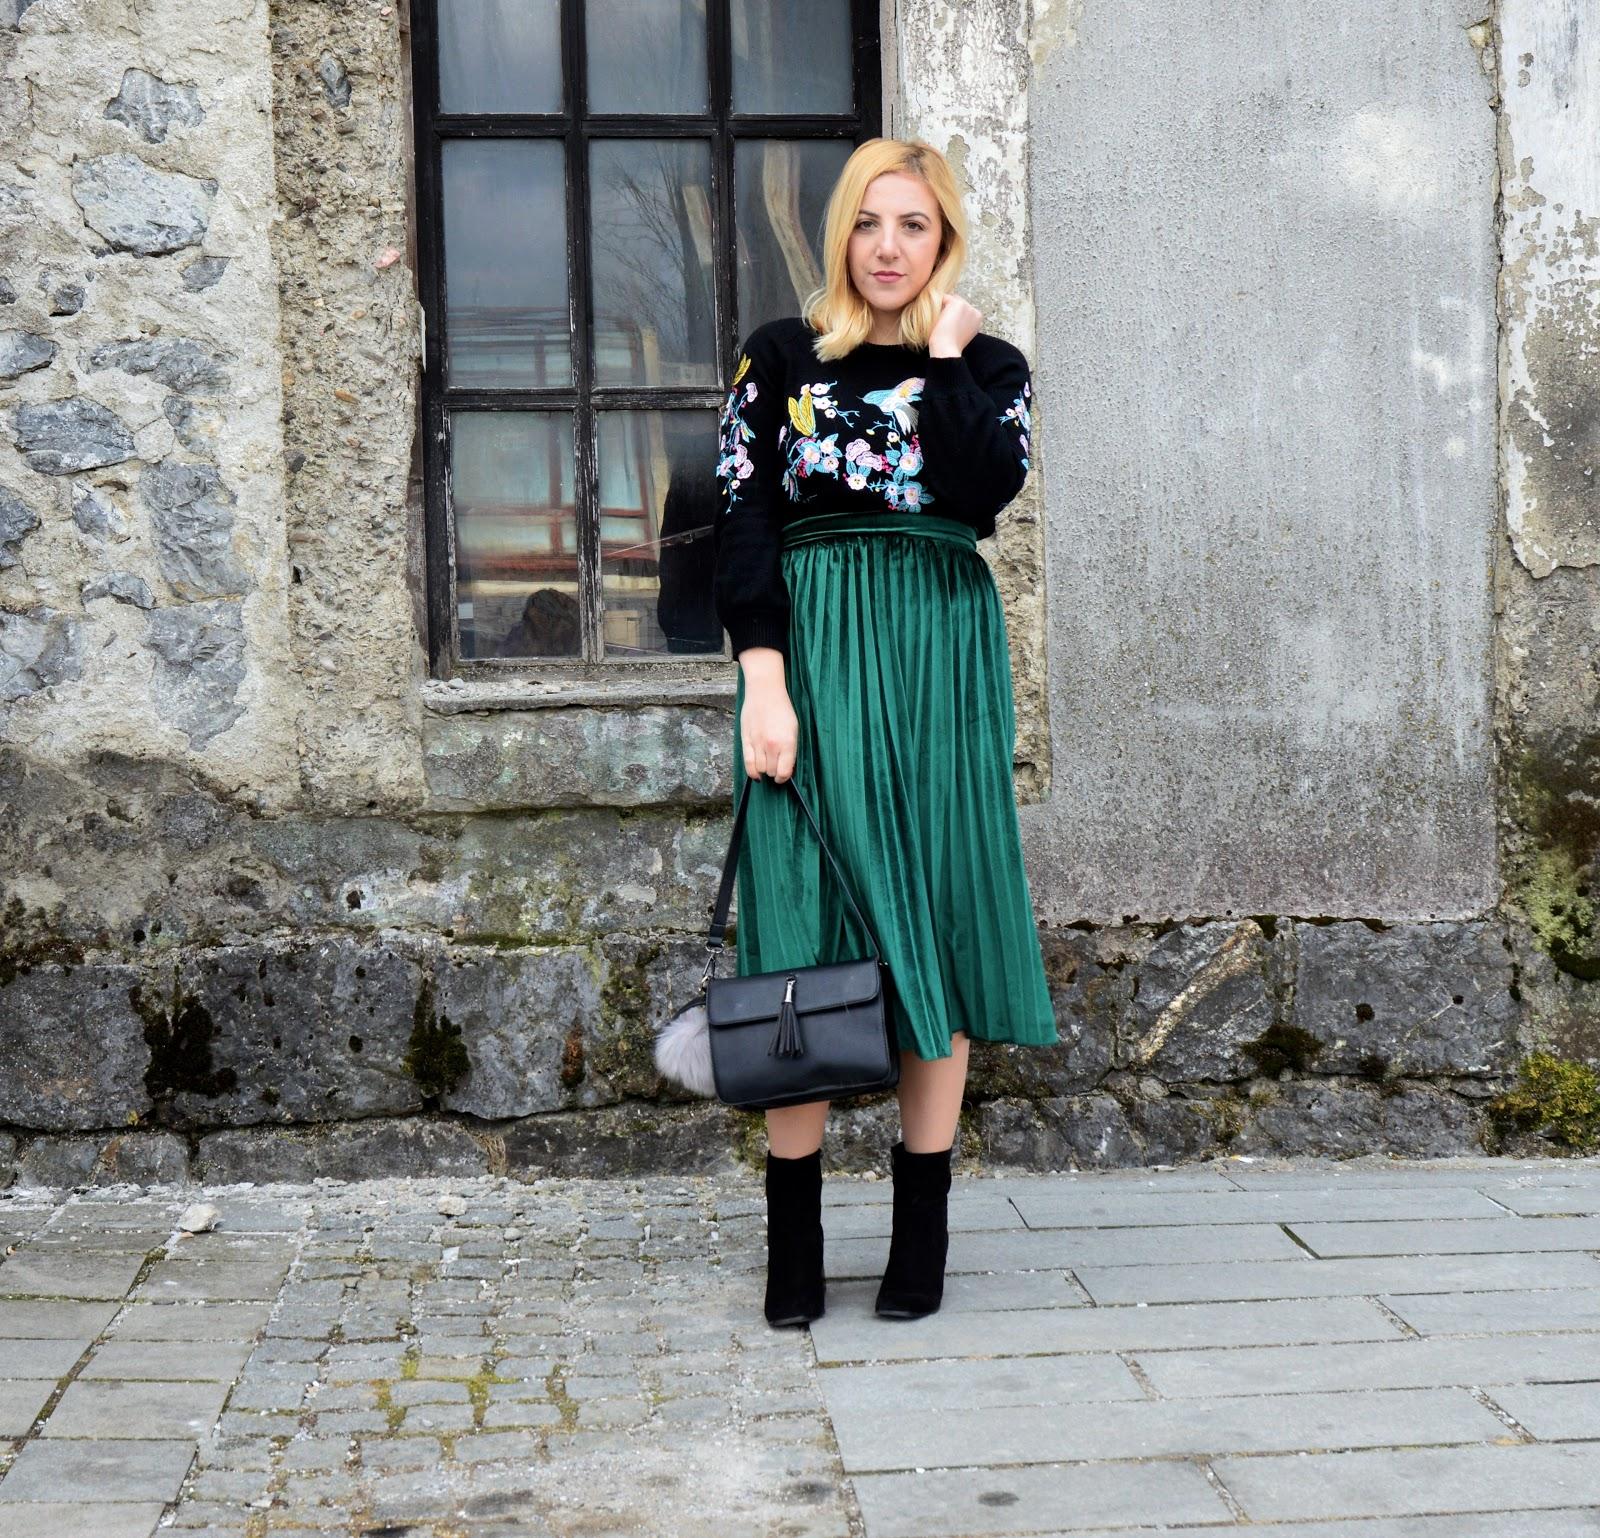 velvet-skirt-outfit-ideas